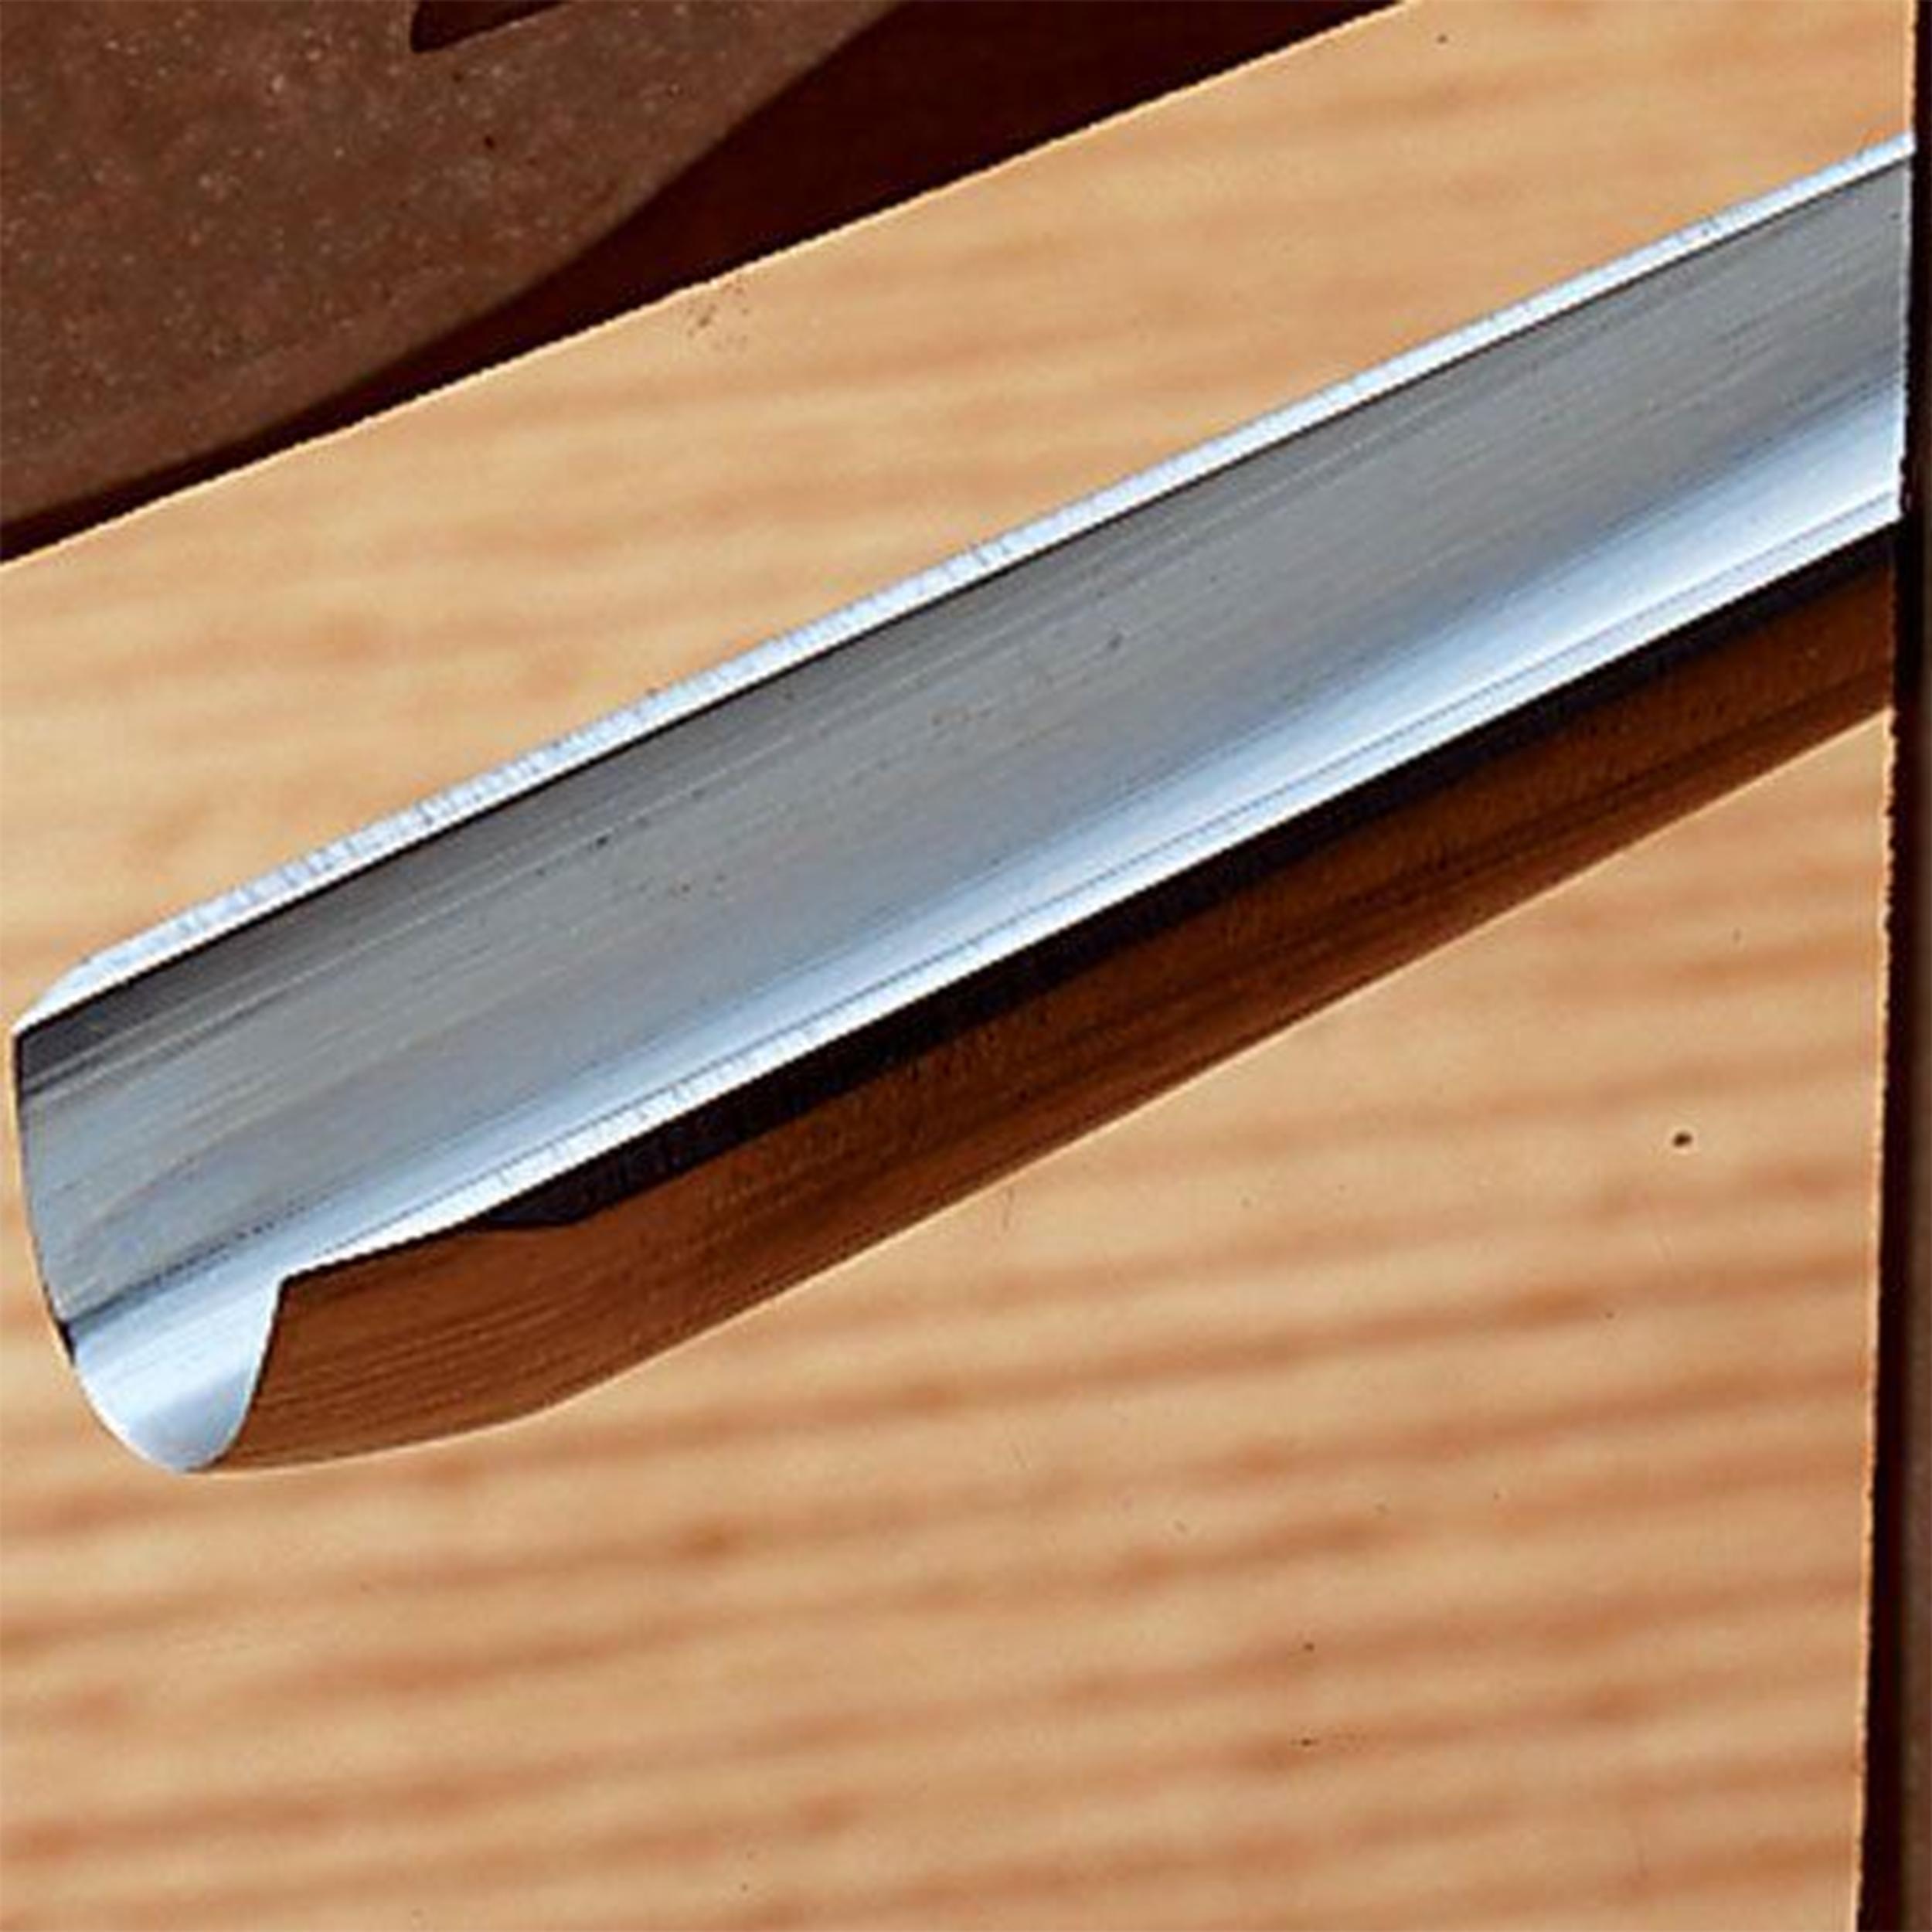 #11 Sweep Veiner, 1 mm, Full Size